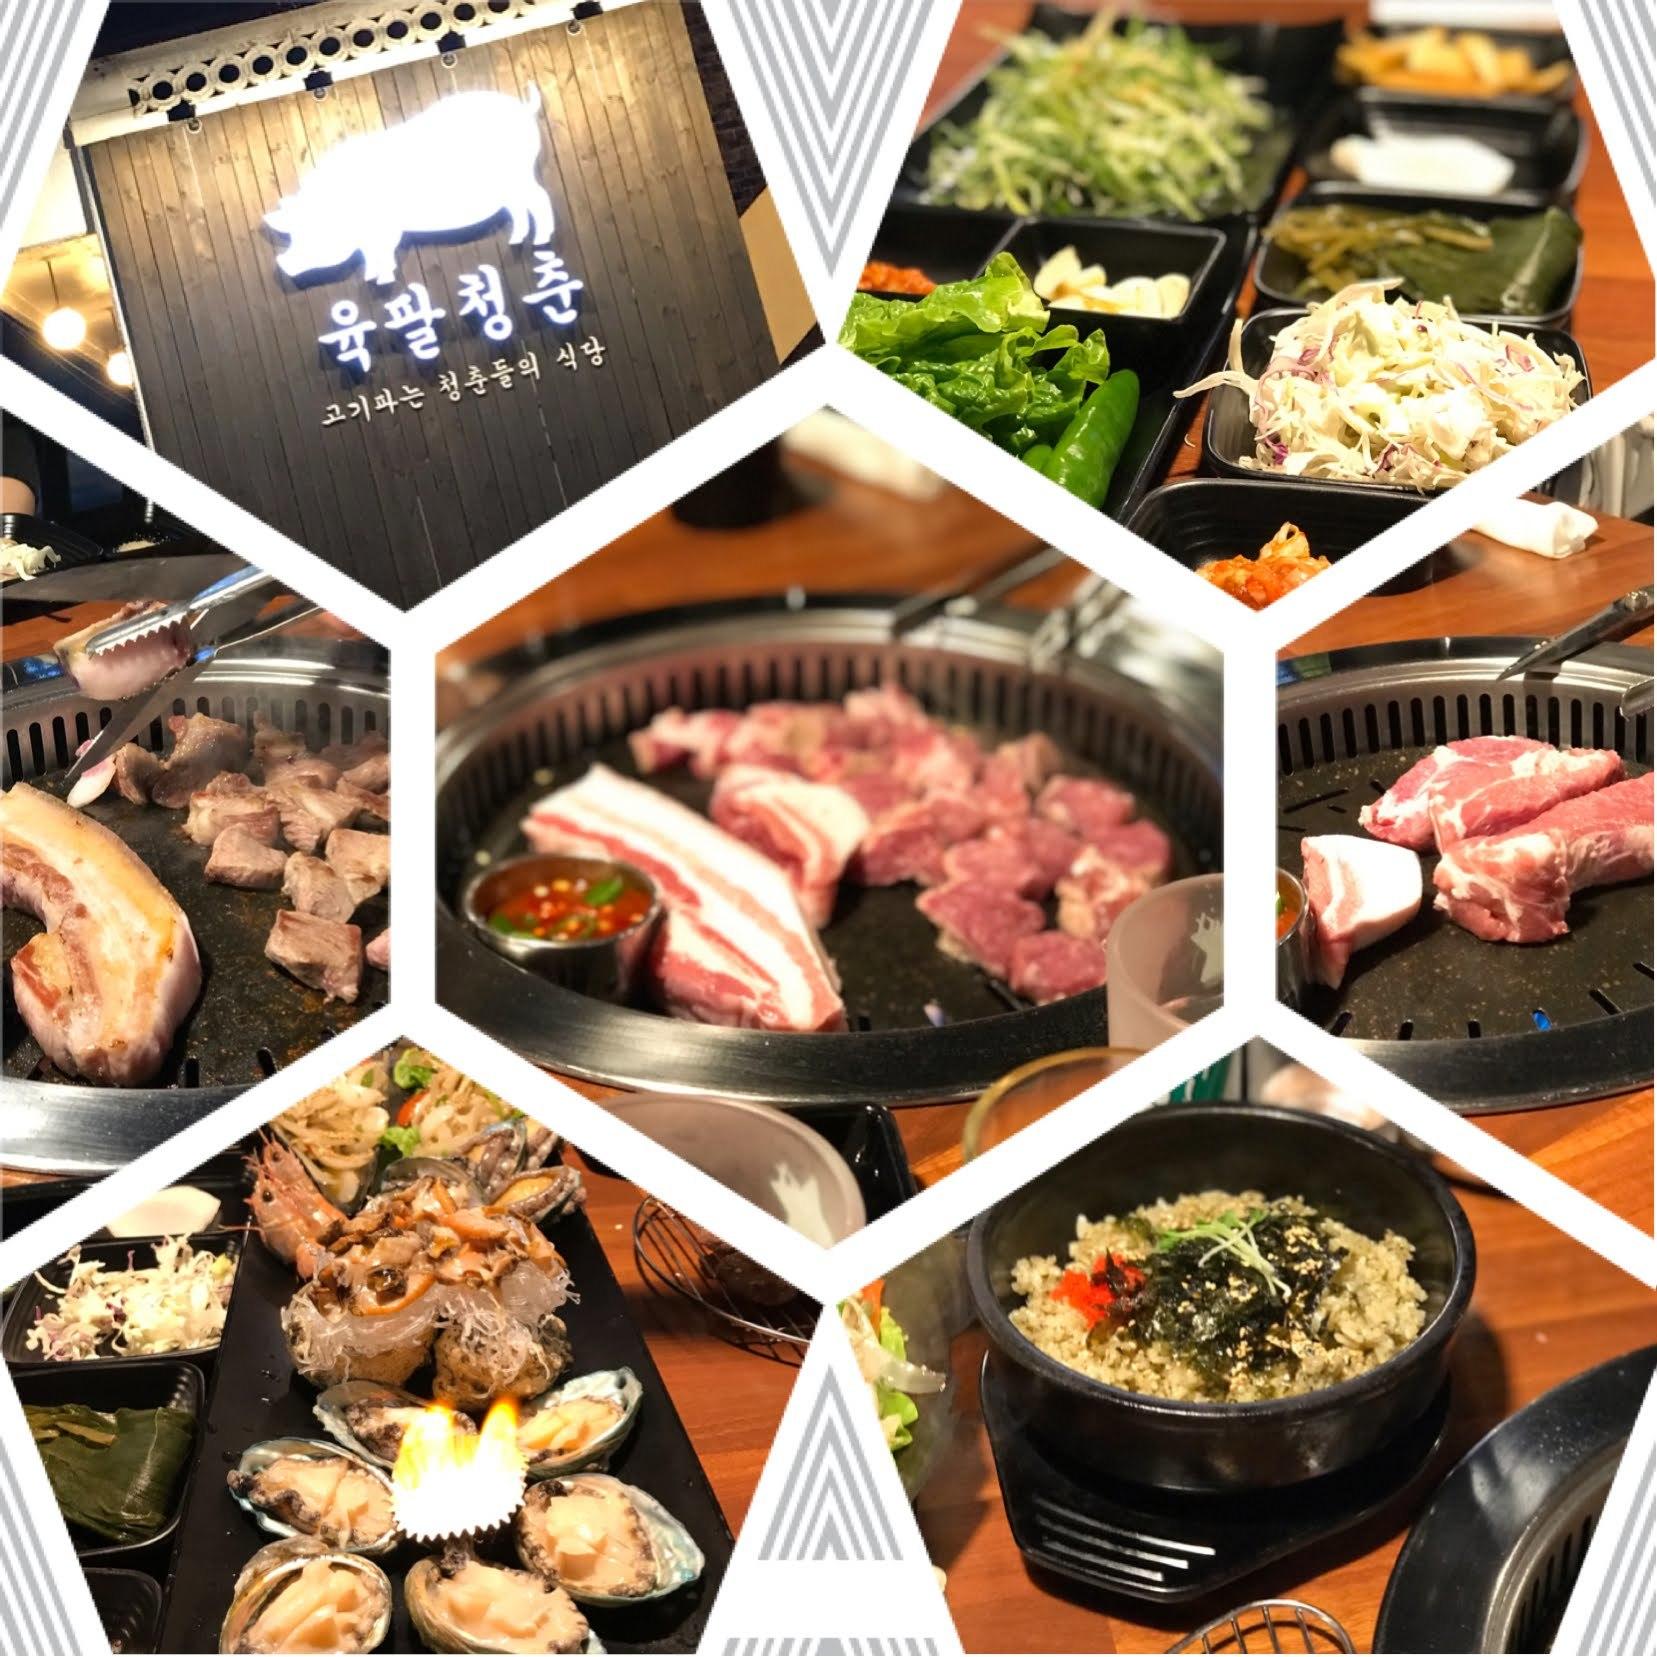 済州島ツアー 食レポ_c0026824_17093112.jpg